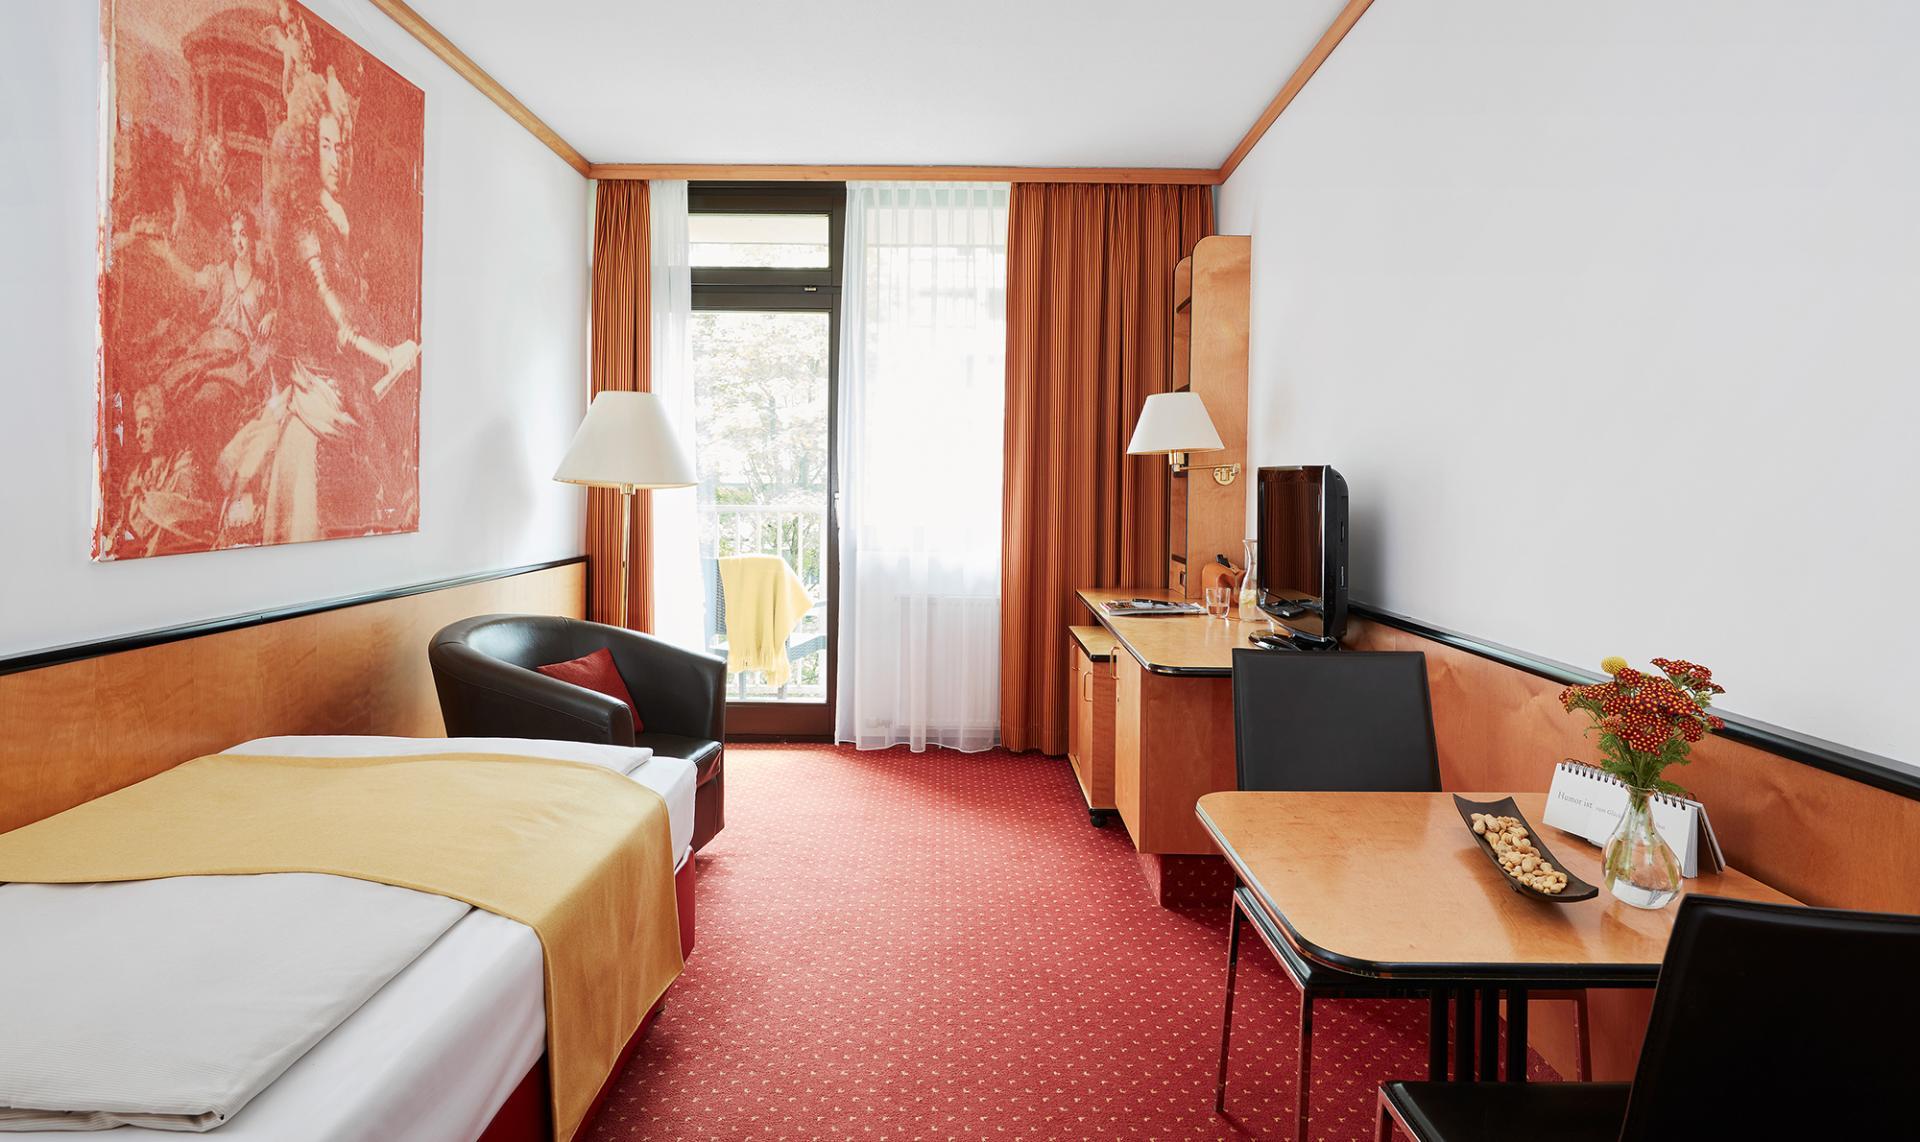 Dining area at Living Hotel Deutschen Museum Apartments, Haidhausen, Munich